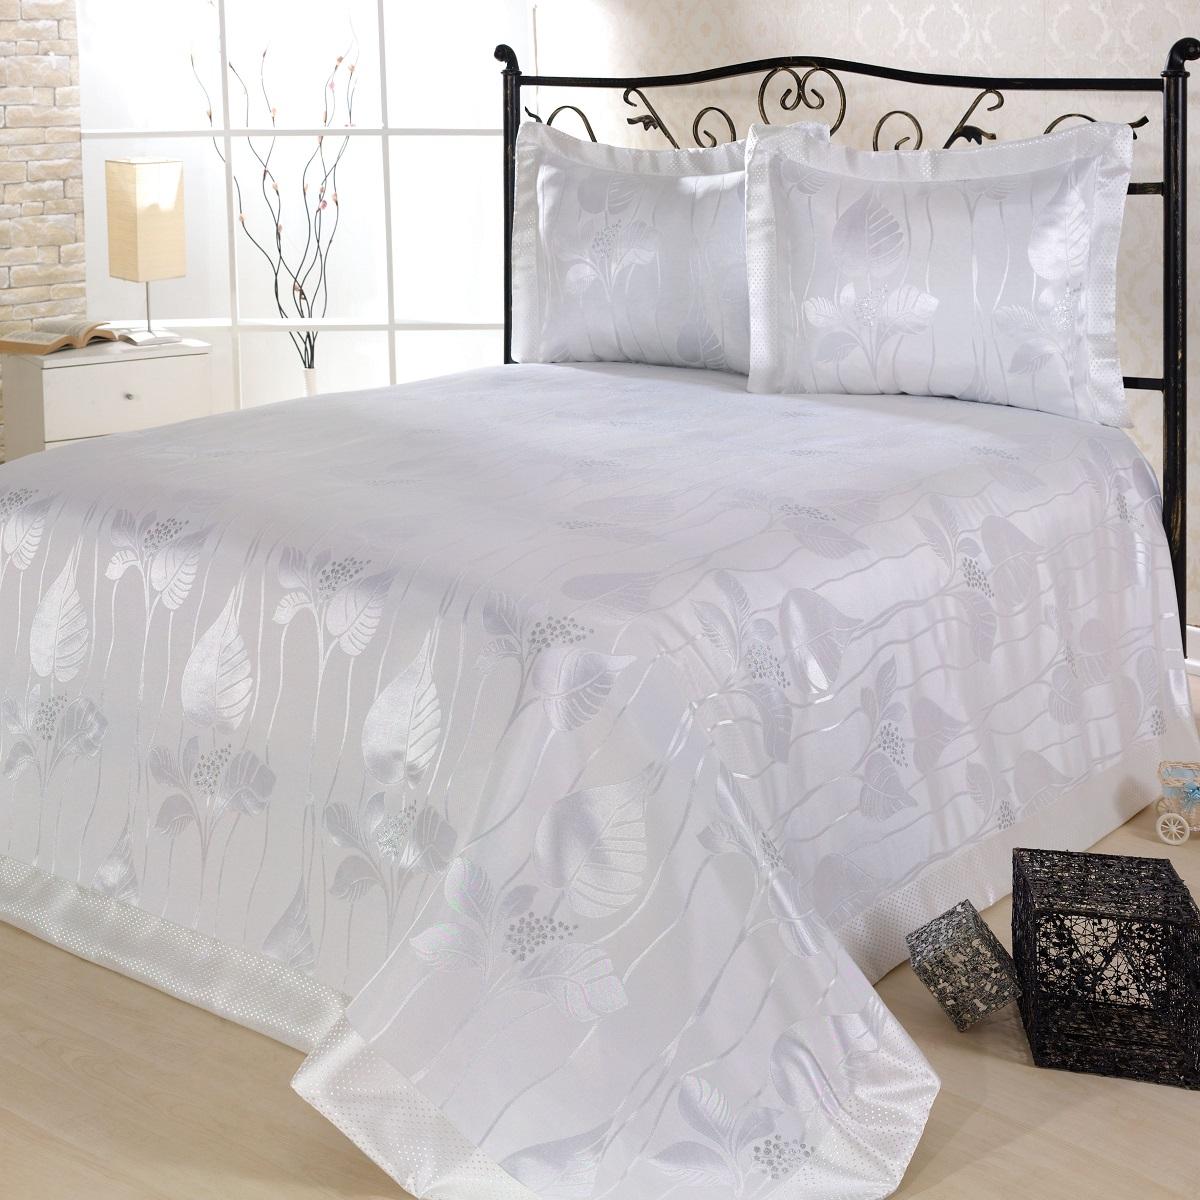 Комплект для спальни Karna Nazsu. Yaprak: покрывало 240 х 260 см, 2 наволочки 50 х 70 см, цвет: белый811/4/CHAR002Изысканный комплект для спальни Karna Nazsu. Yaprak состоит из покрывала и двух наволочек. Изделия выполнены из высококачественного полиэстера (50%) и хлопка (50%), легкие, прочные и износостойкие. Ткань блестящая, что придает ей больше роскоши. Комплект Karna Nazsu. Yaprak - это отличный способ придать спальне уют и комфорт, а также позволит по-королевски украсить интерьер. Размер покрывала: 240 х 260 см.Размер наволочки: 50 х 70 см.